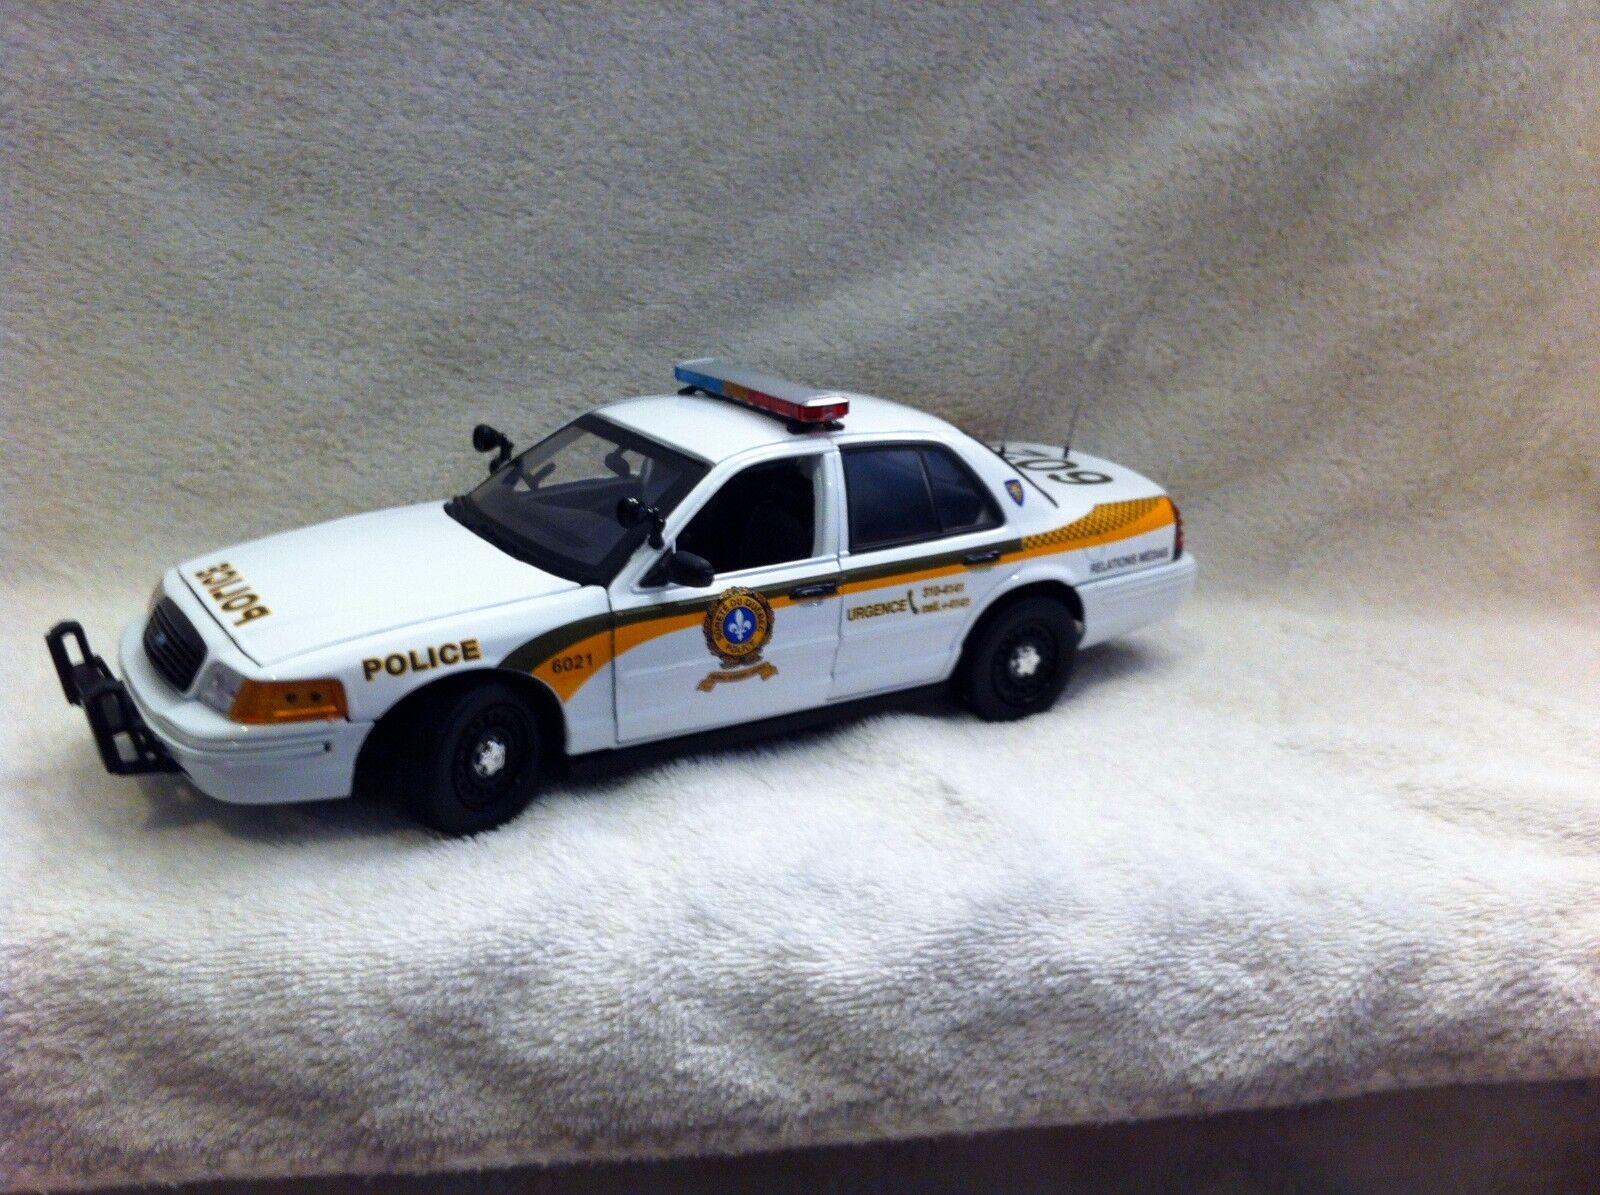 tiendas minoristas 1 1 1 18 Escala Modelo Diecast surete du Quebec de Policía con luces y sirena de trabajo  Con precio barato para obtener la mejor marca.